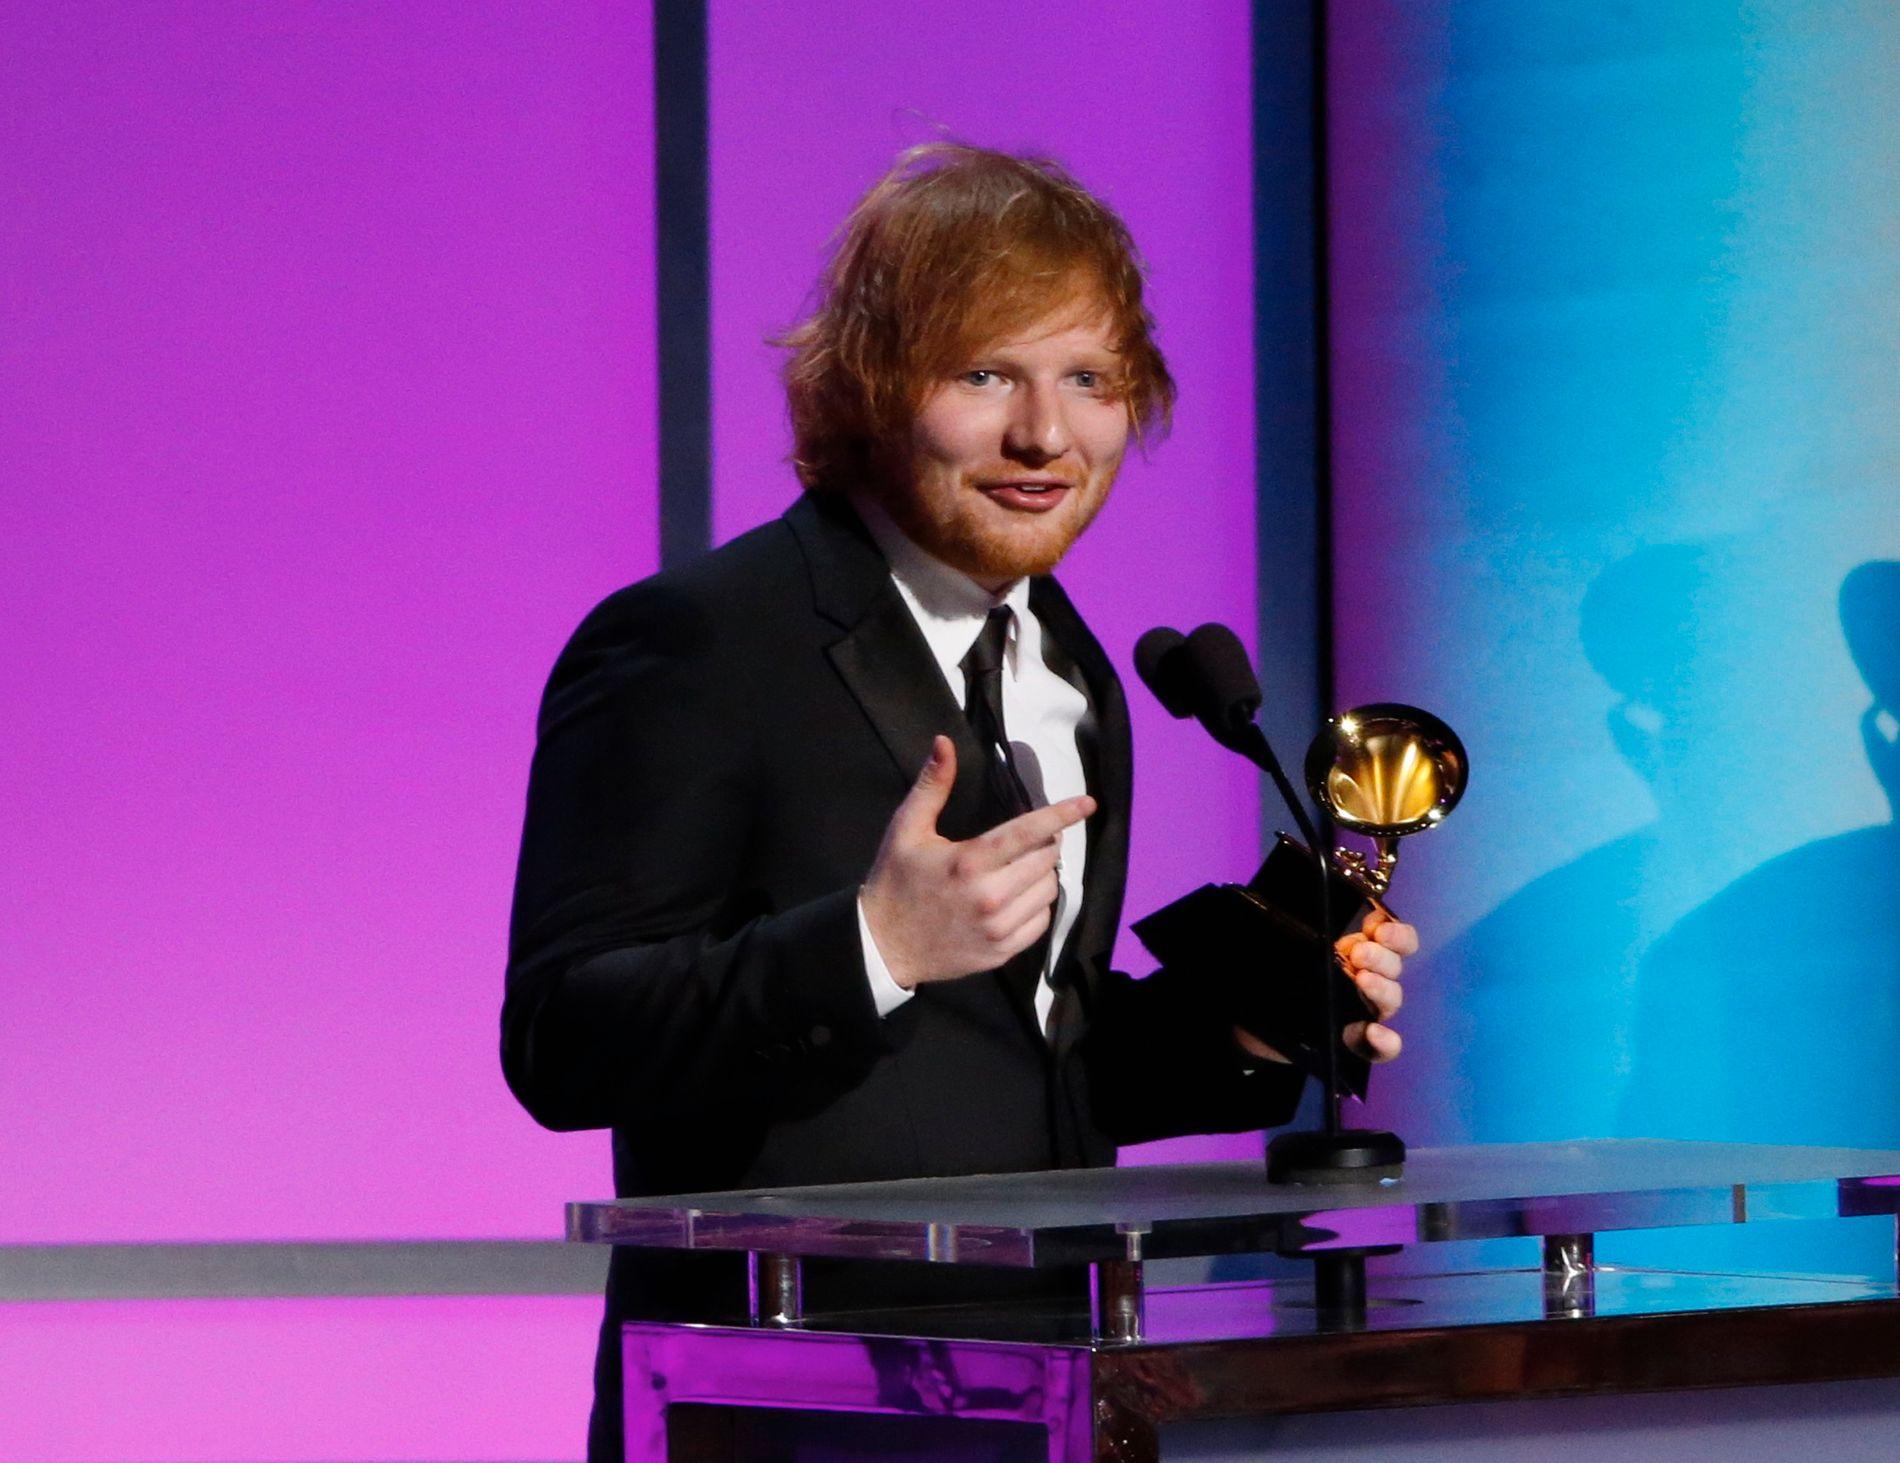 GRAMMY PRIS: Ed Sheeran, som for tiden er verdens mest strømmede artist, ble i 2016 tildelt en Grammy for «Best Pop Solo Performance» for «Thinking Out Loud».